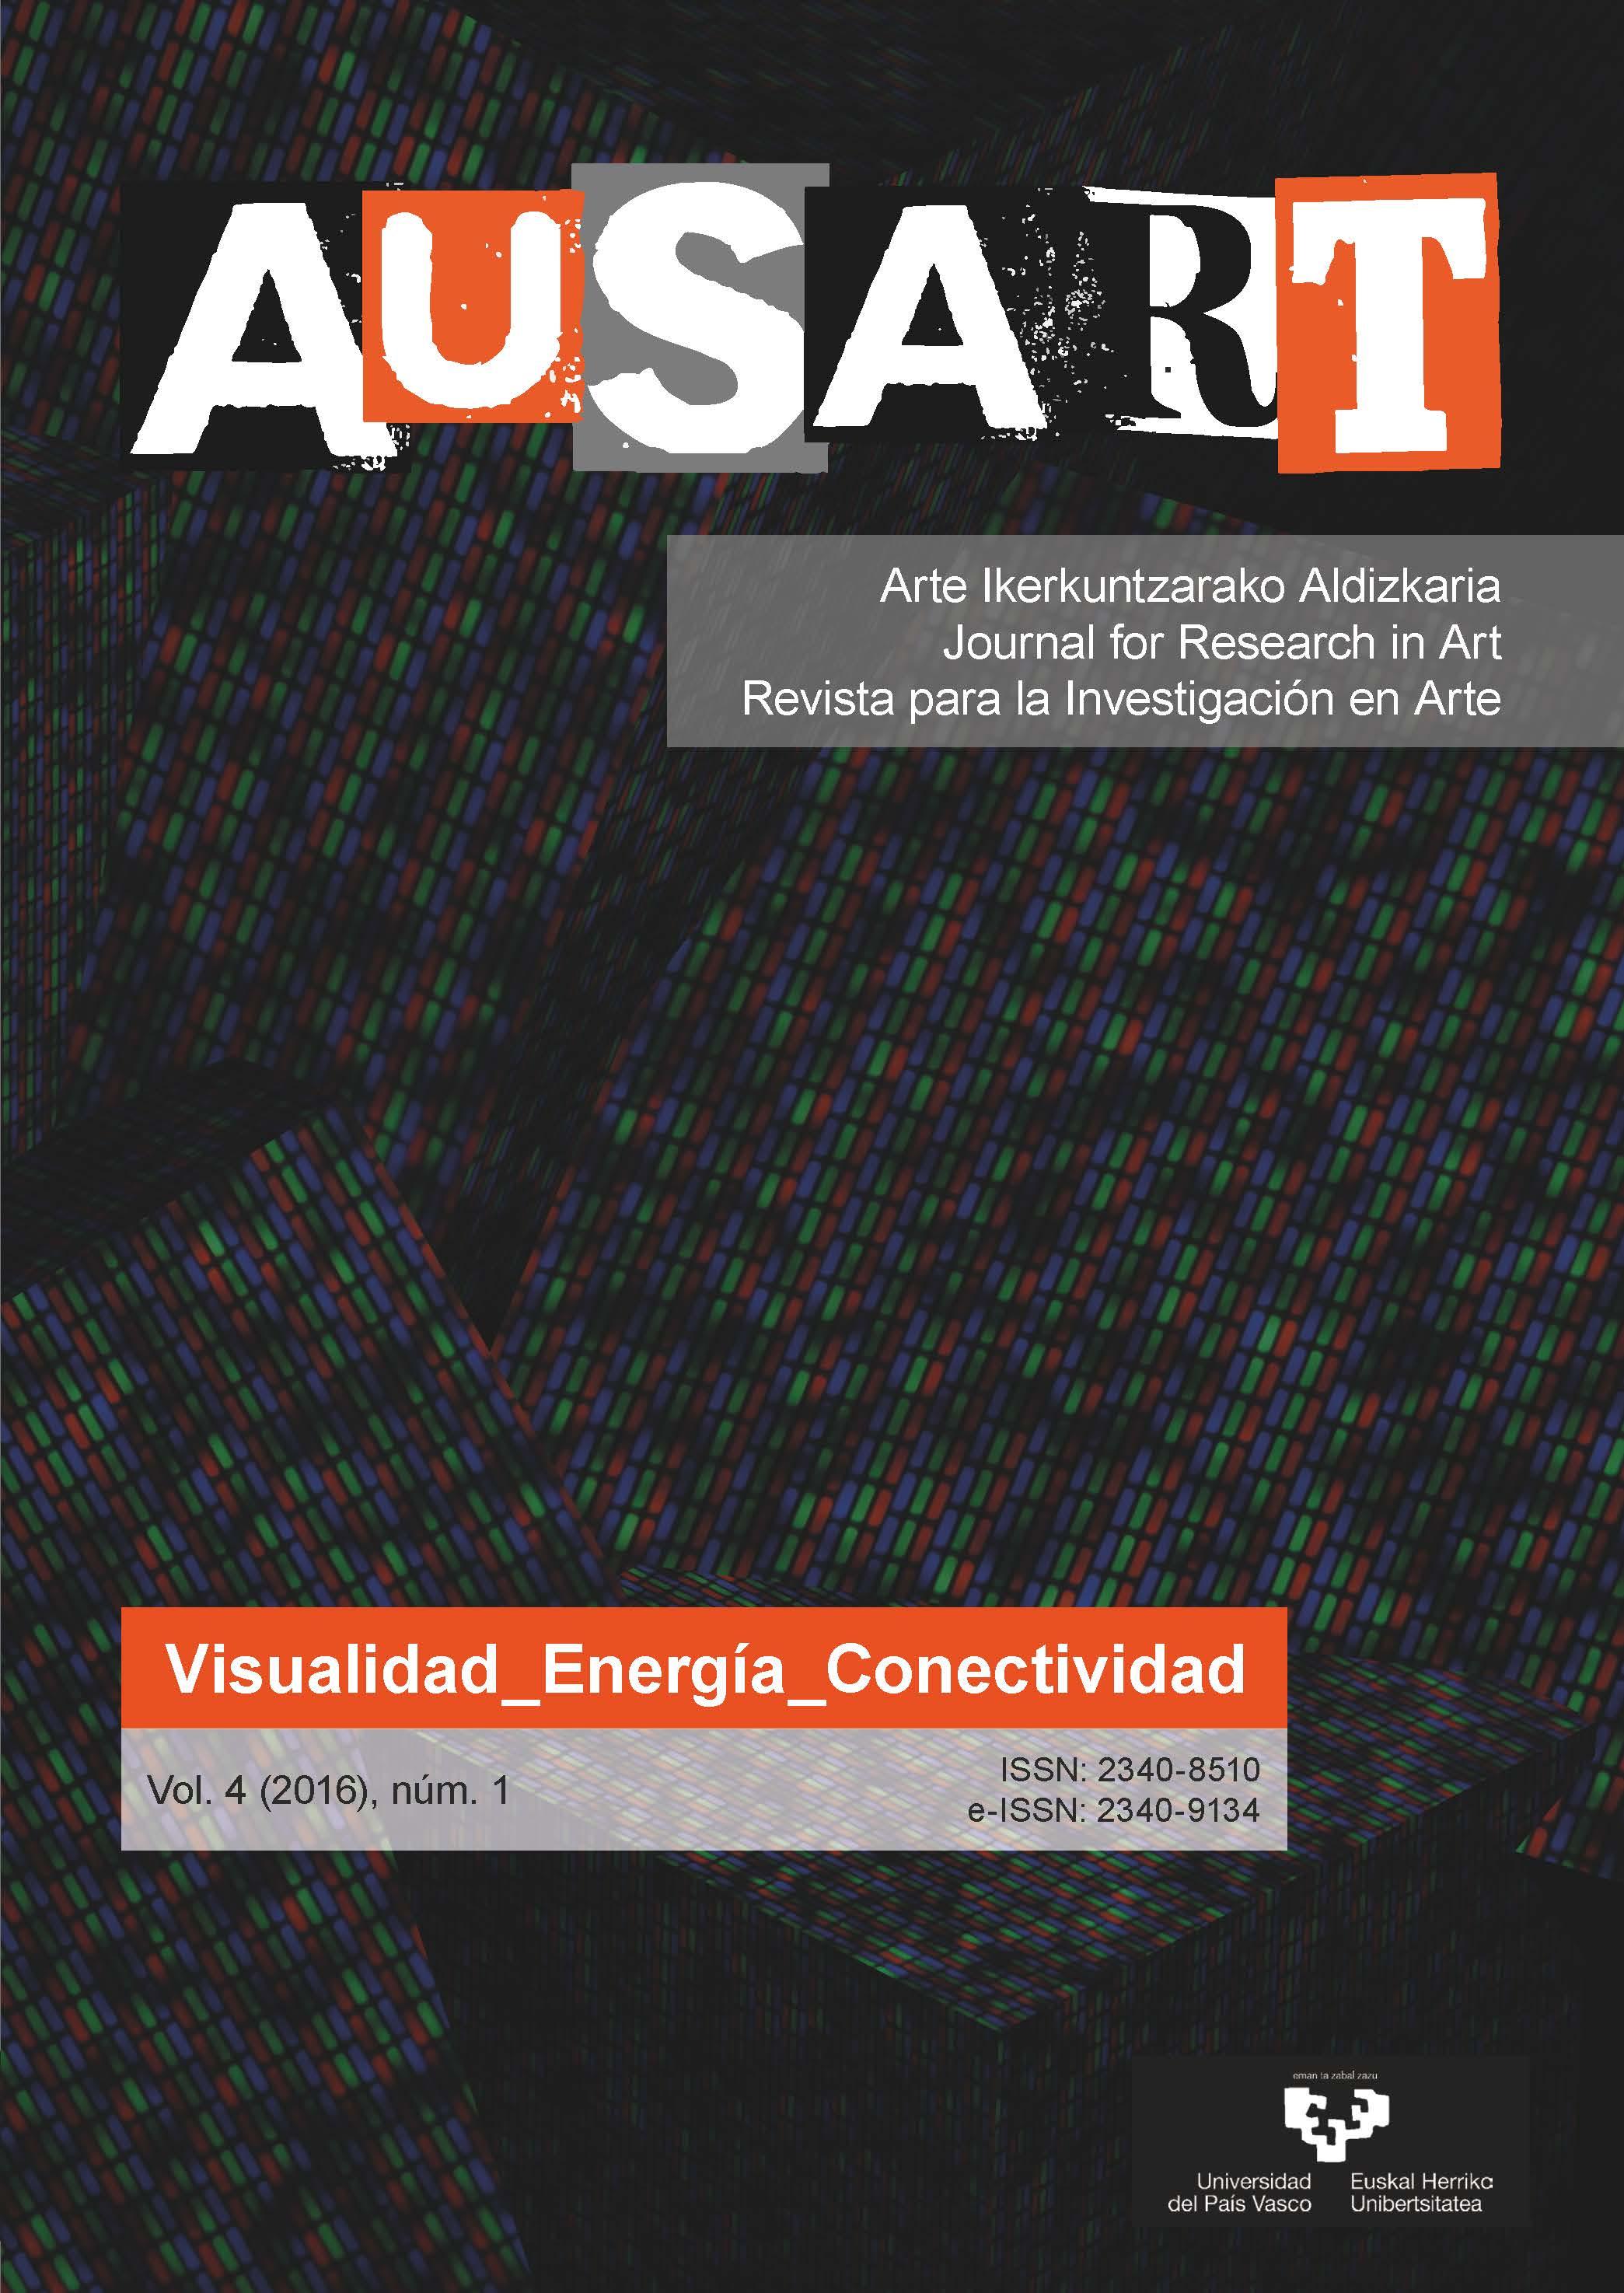 Portada AusArt vol. 4, número 1 (2016)